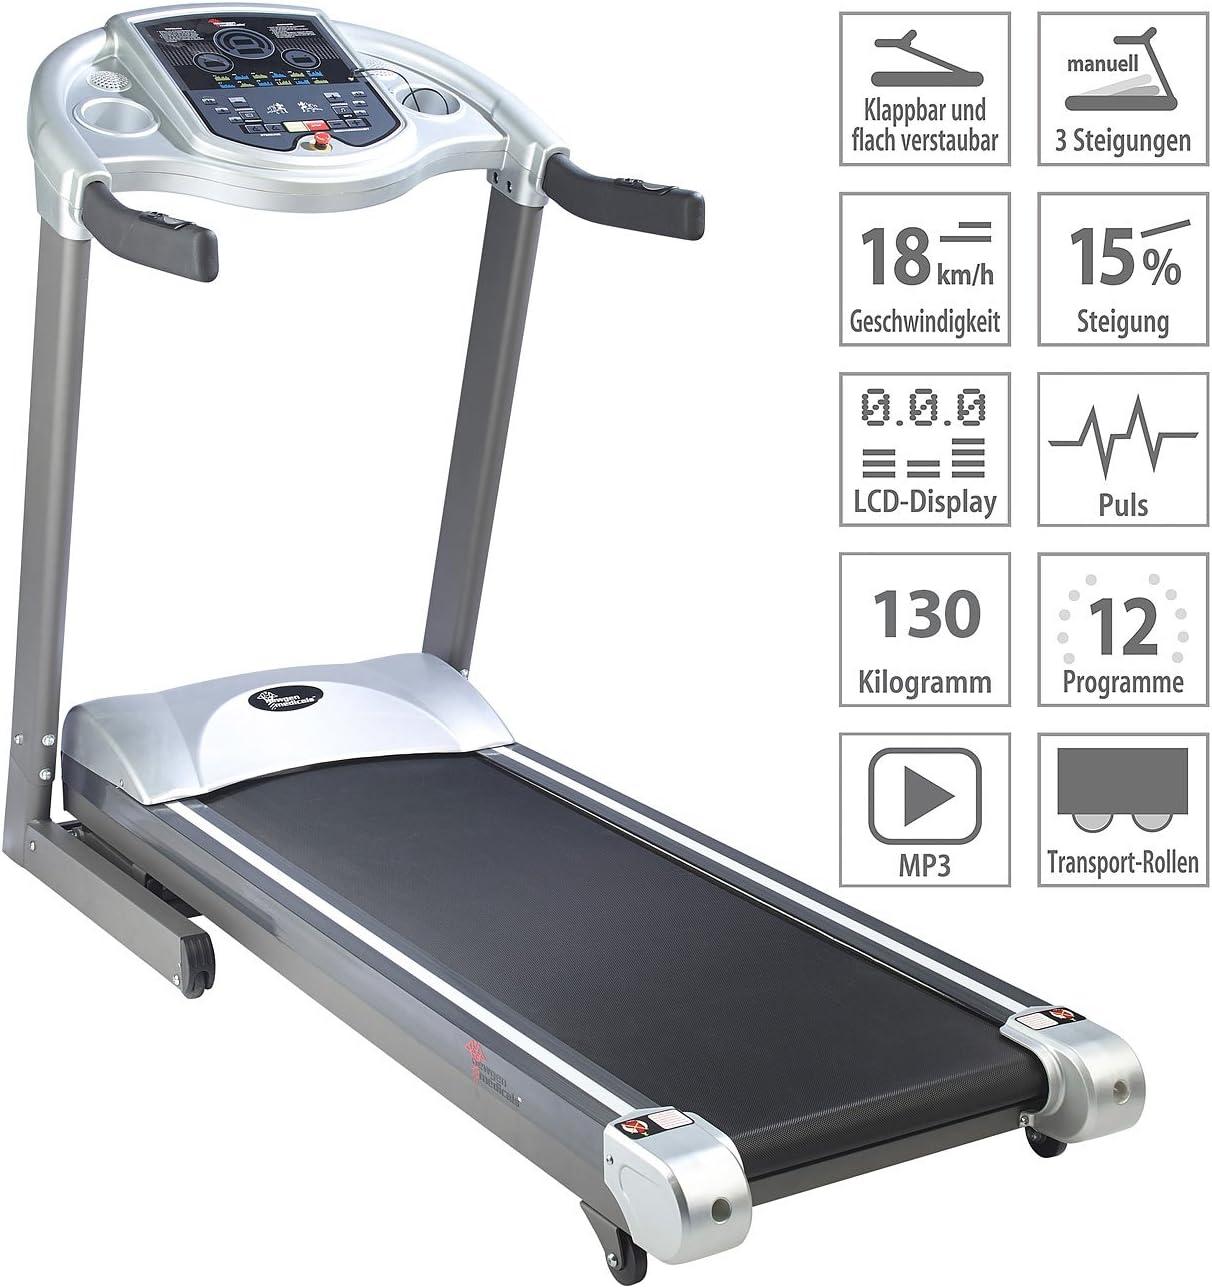 Einsteiger Laufband Profi-Laufband LF-712.Speed mit 12 Programmen und Pulsmesser newgen medicals Laufband Heimtrainer